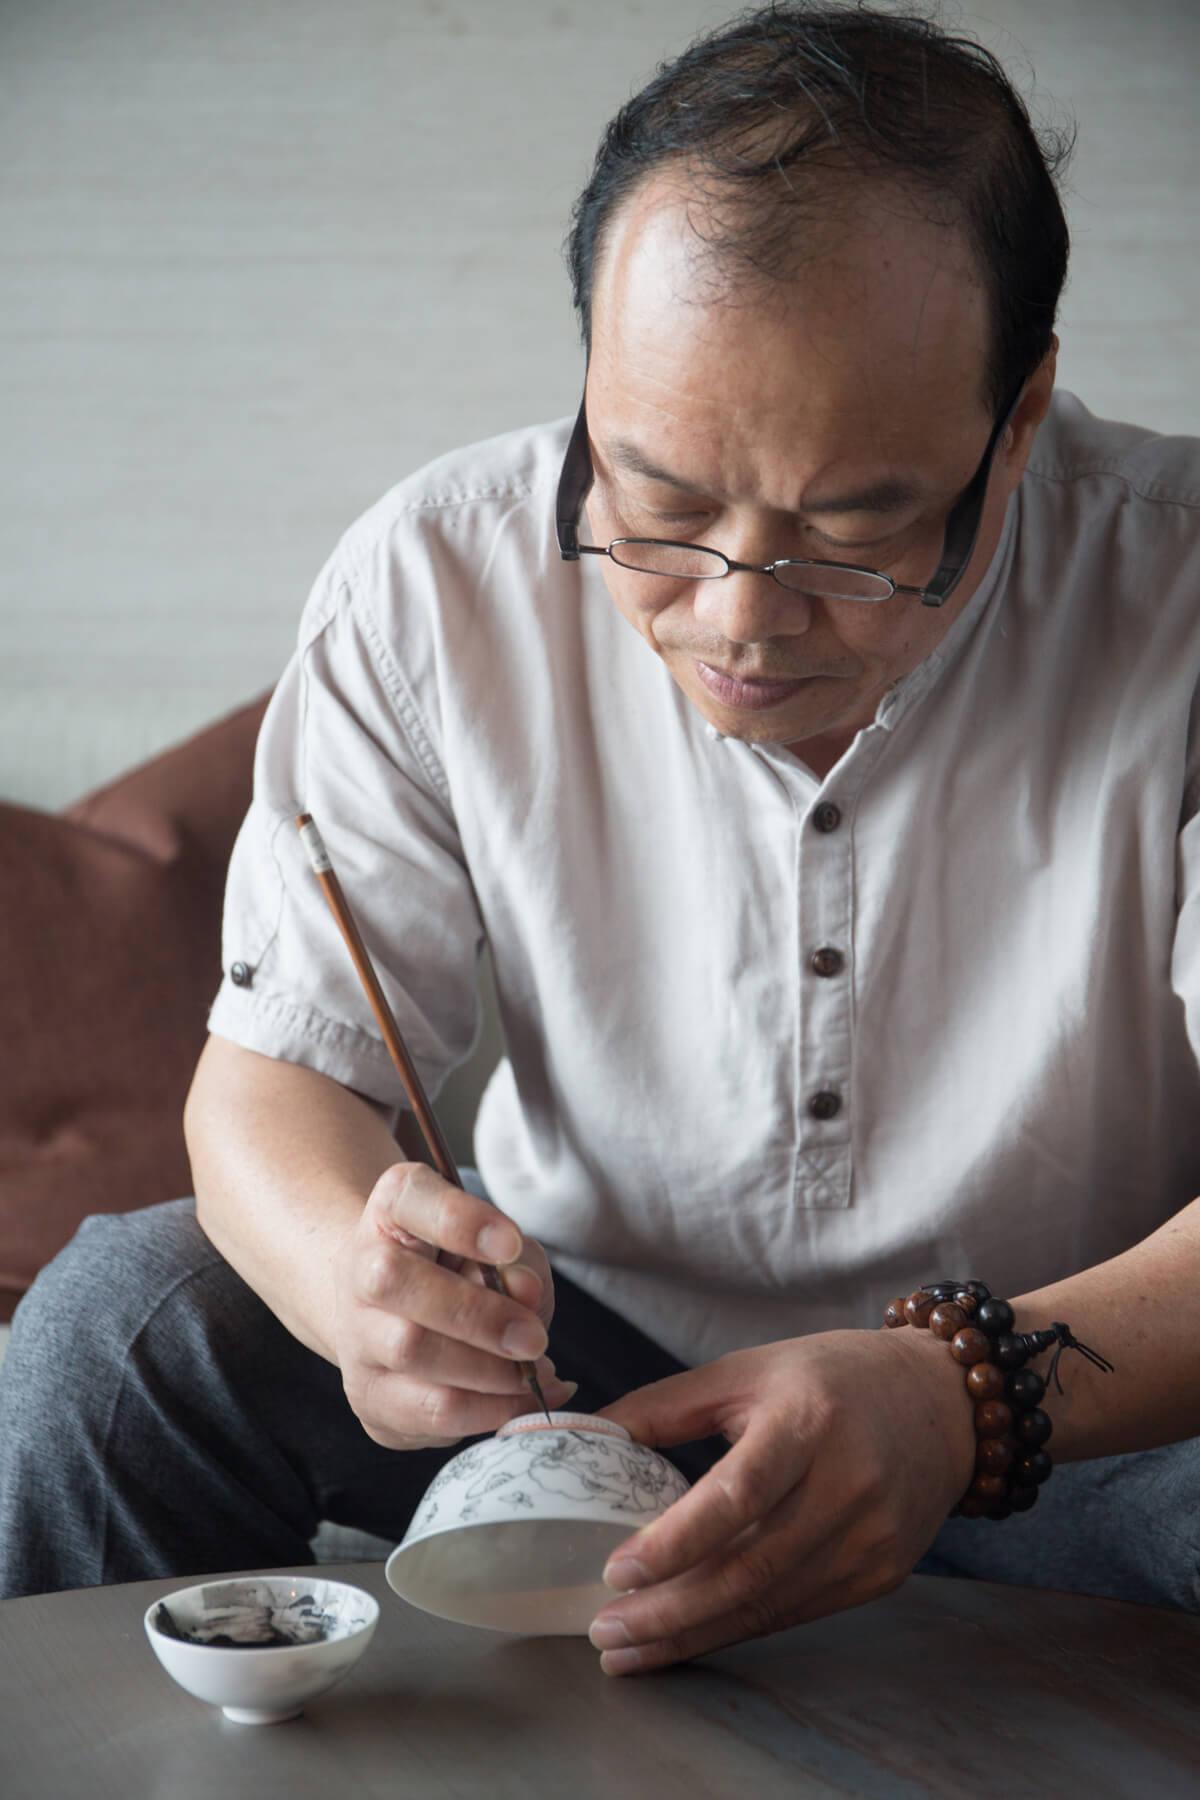 趙藝明是廣州廣彩世家「趙蘭桂堂」第四代傳人,70年代起隨父親學藝。